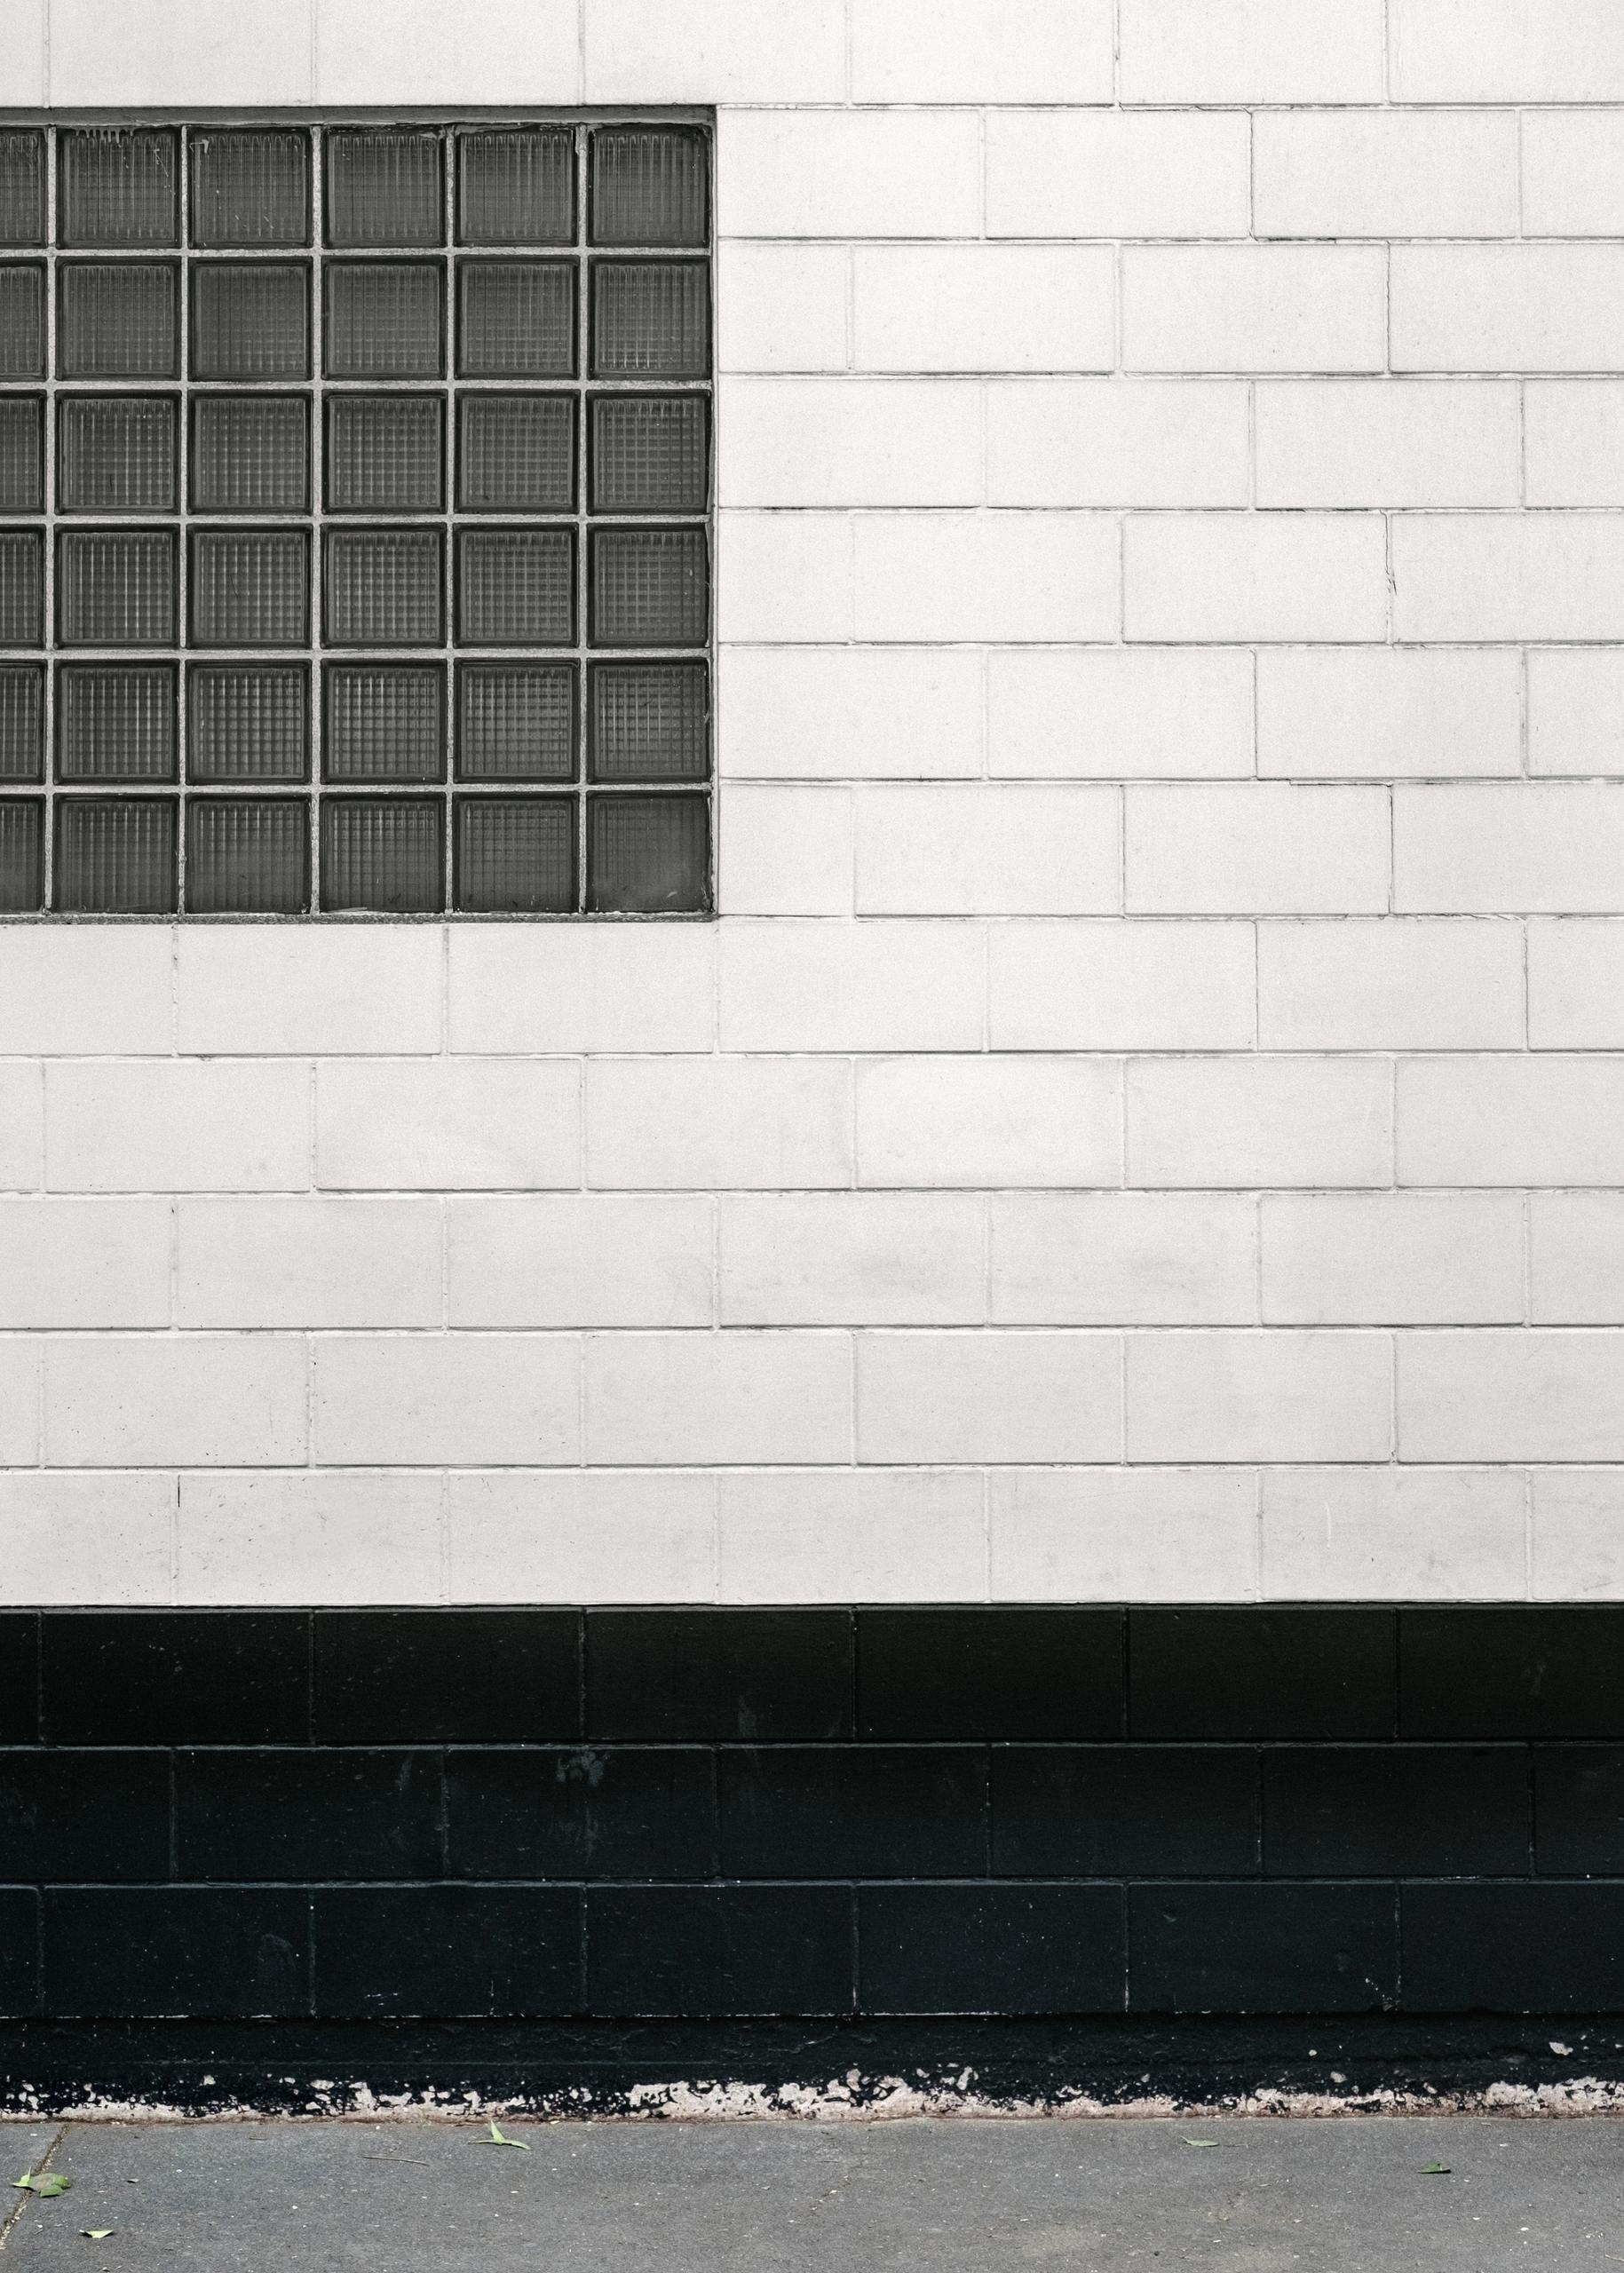 Life black white. Mexico City,  - santibanez | ello